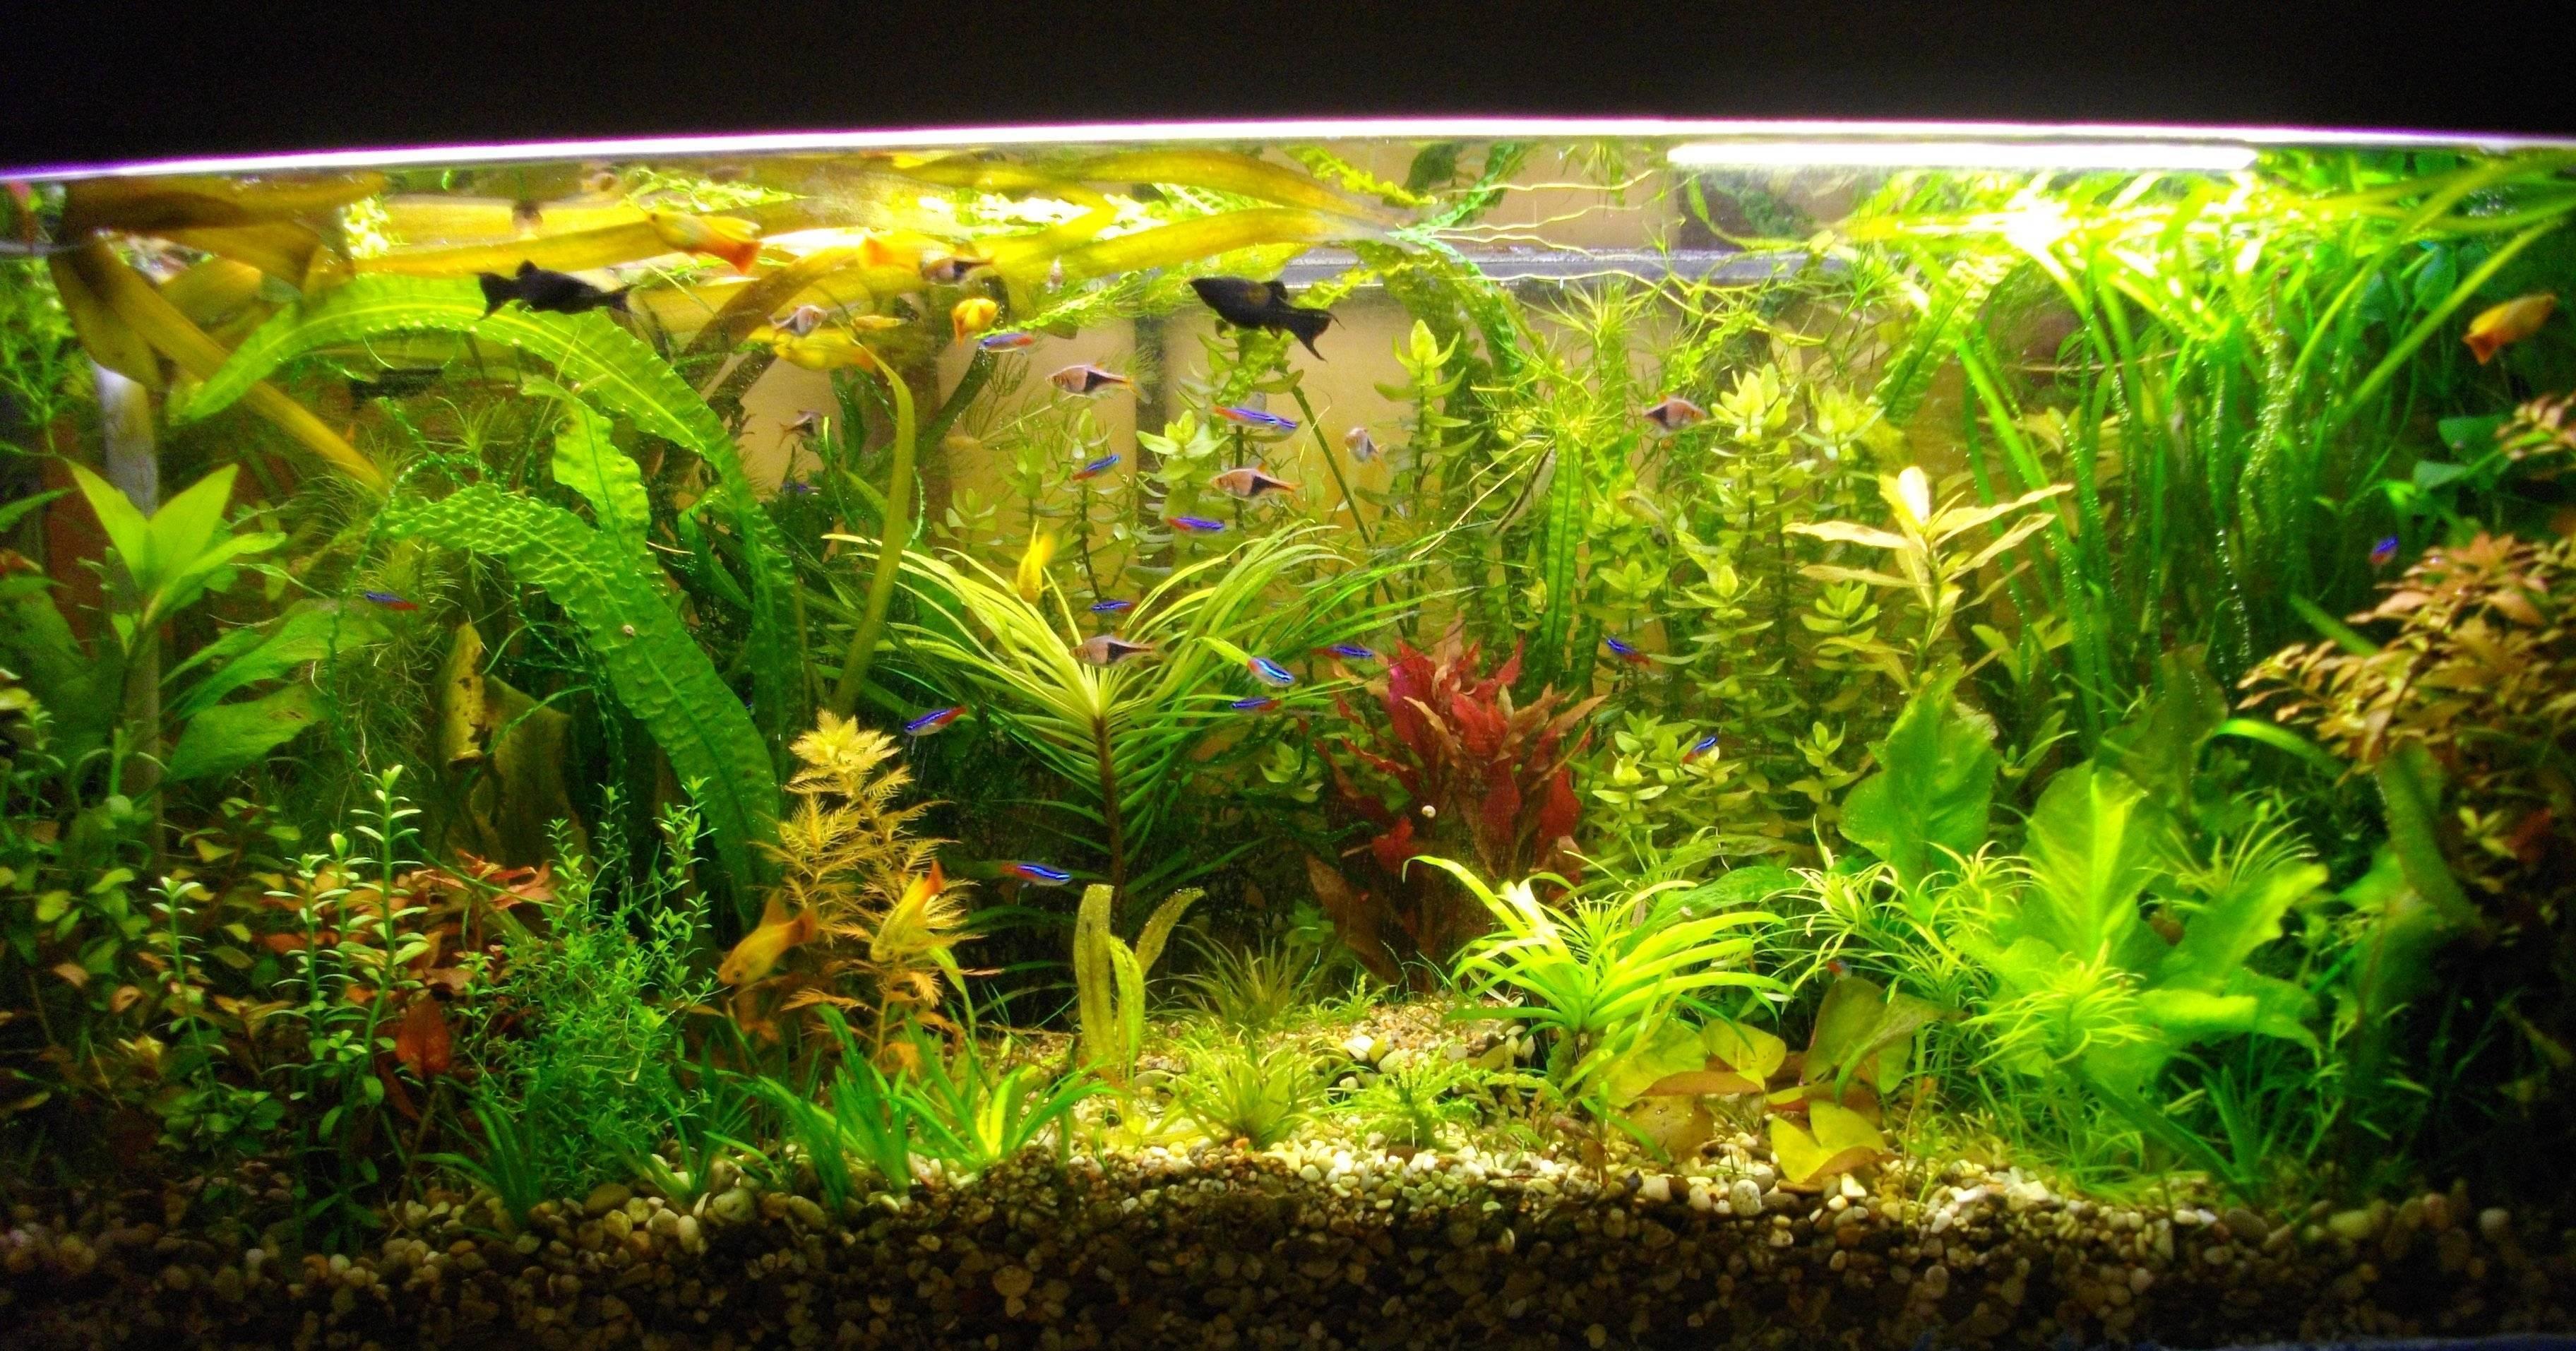 Зачем аквариуму нужны натуральные растения?